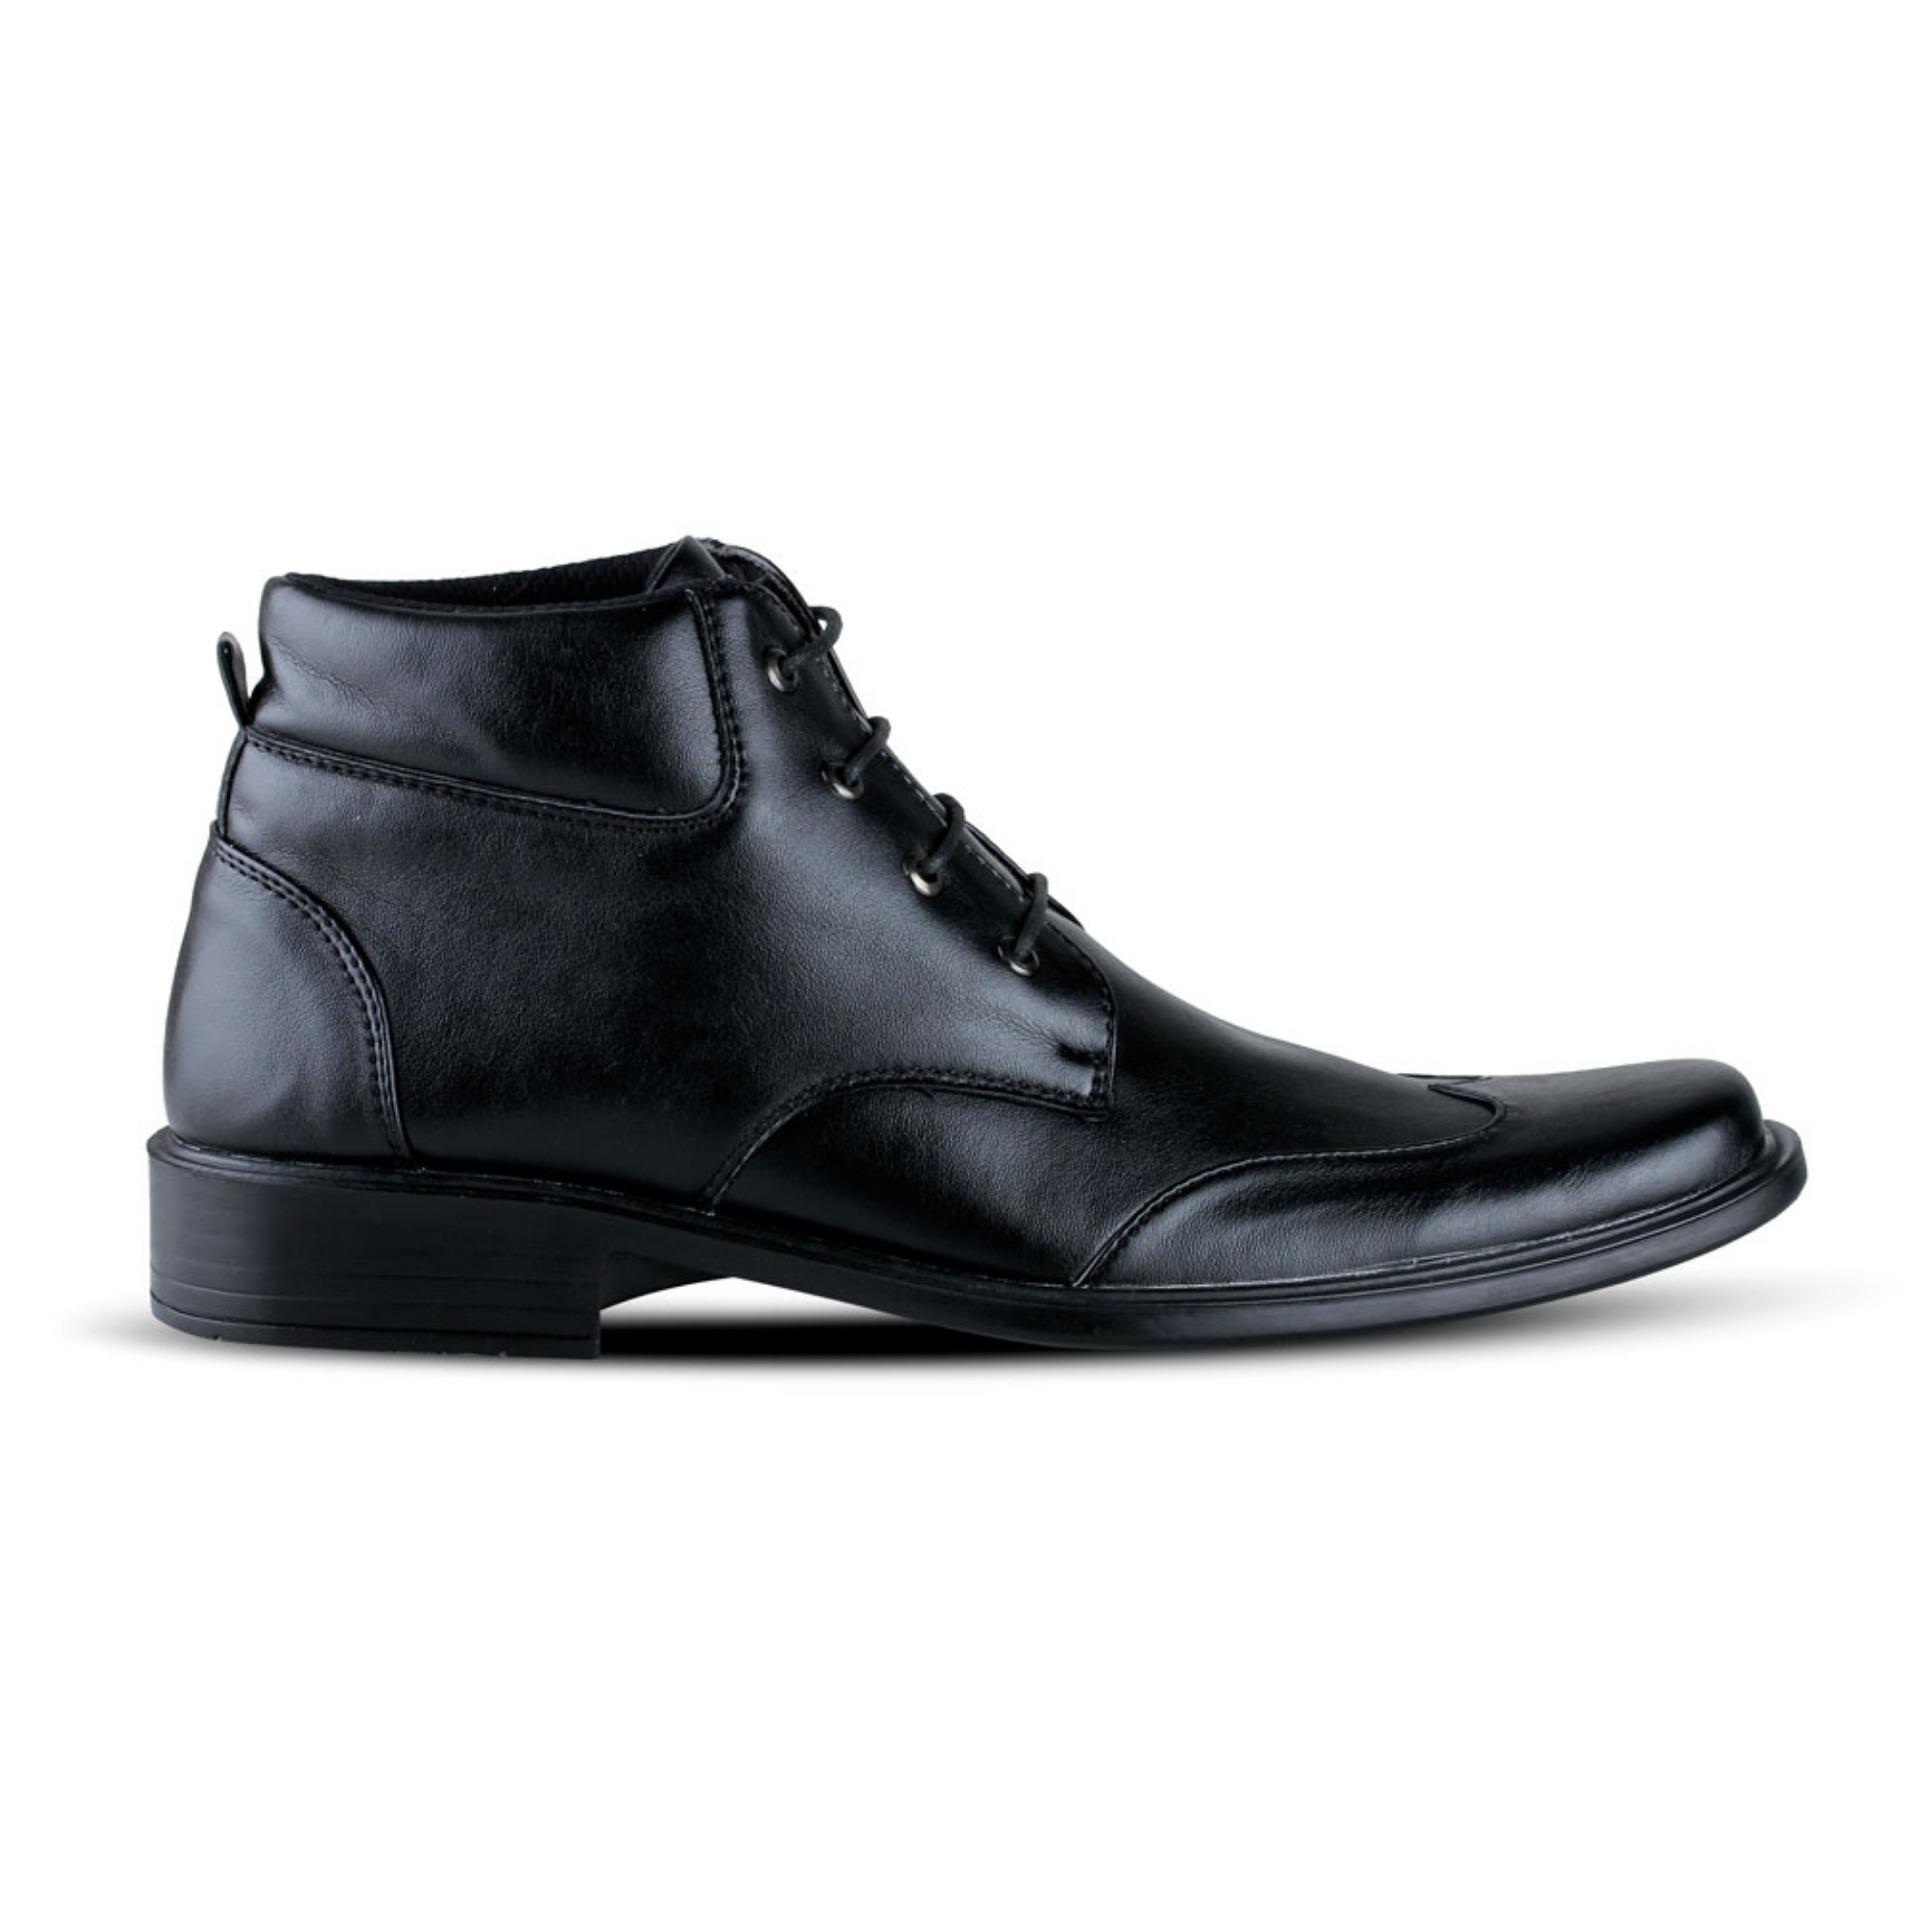 ... Detail Gambar Distro VD 396 Sepatu Formal Pantofel Pria Untuk Kerja Kantor Hitam Terbaru